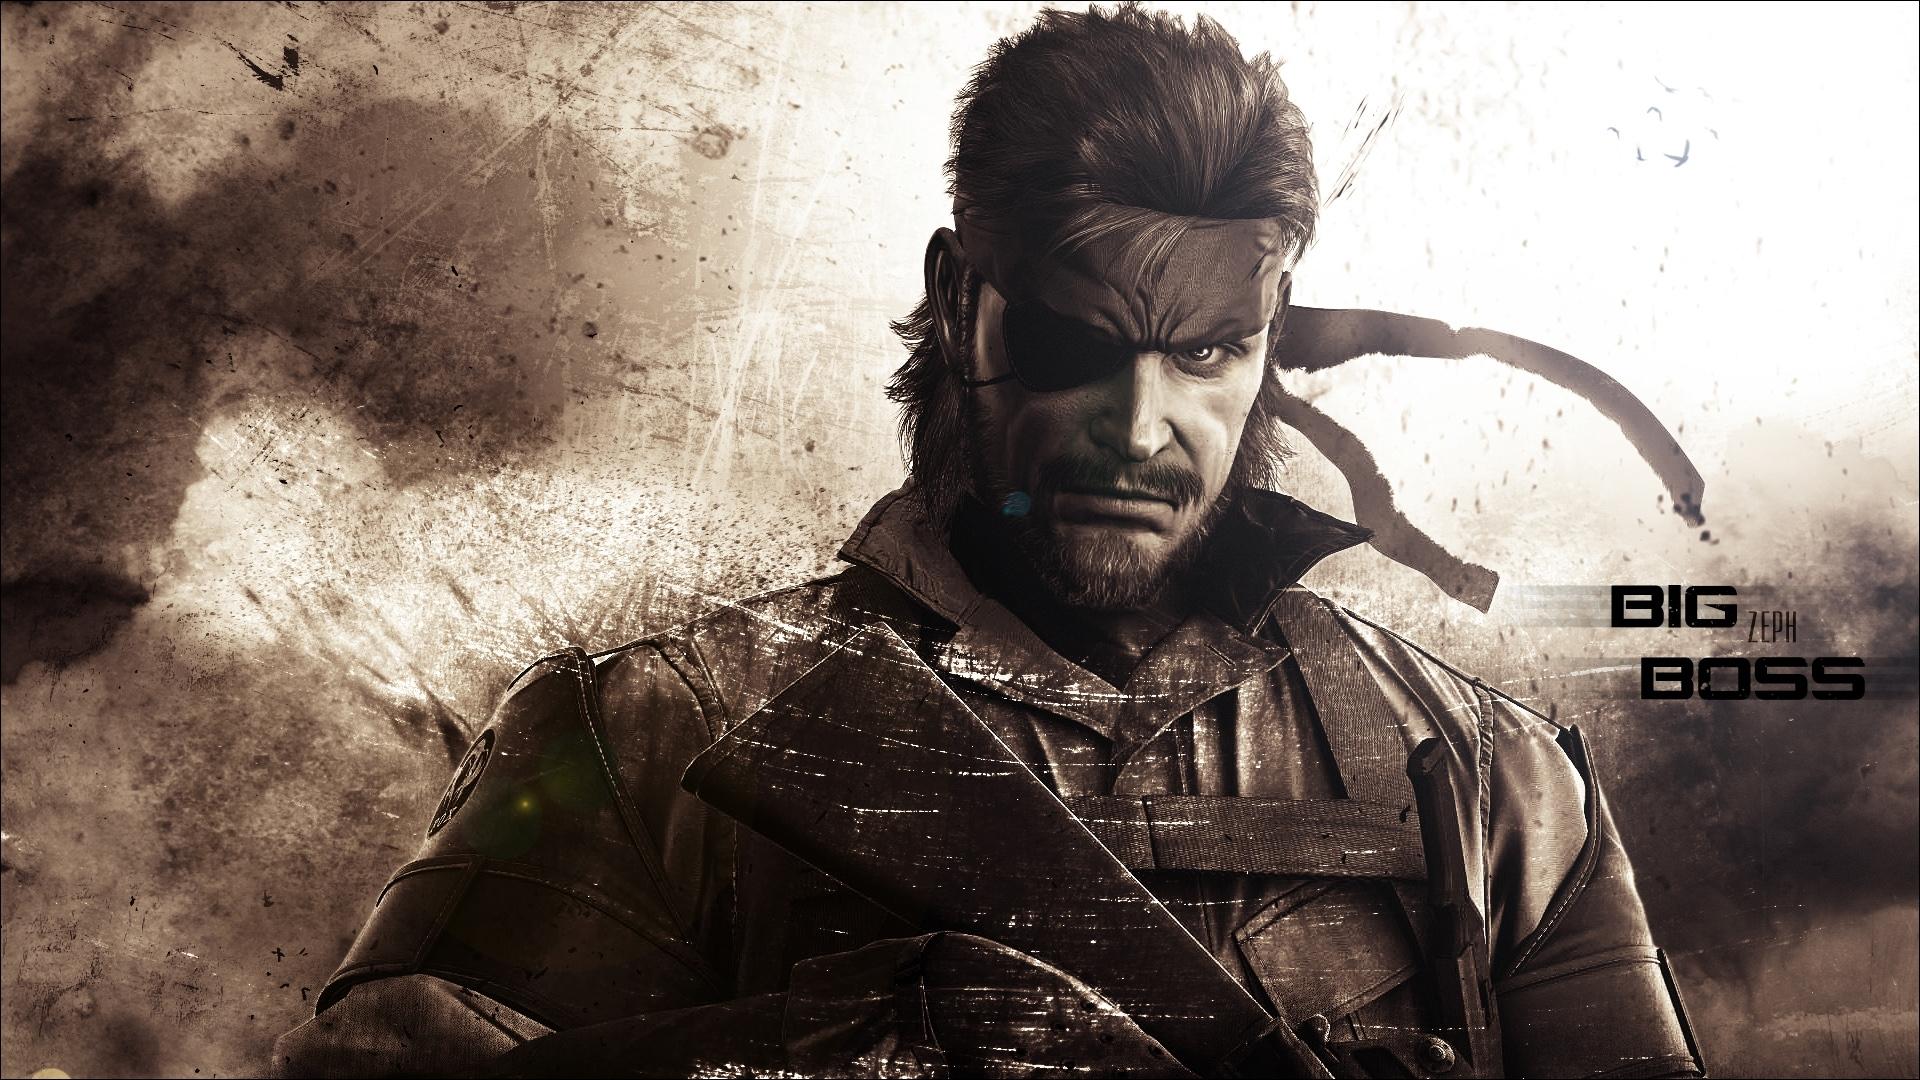 10 Latest Metal Gear Solid 5 Wallpaper Hd FULL HD 1920× ...